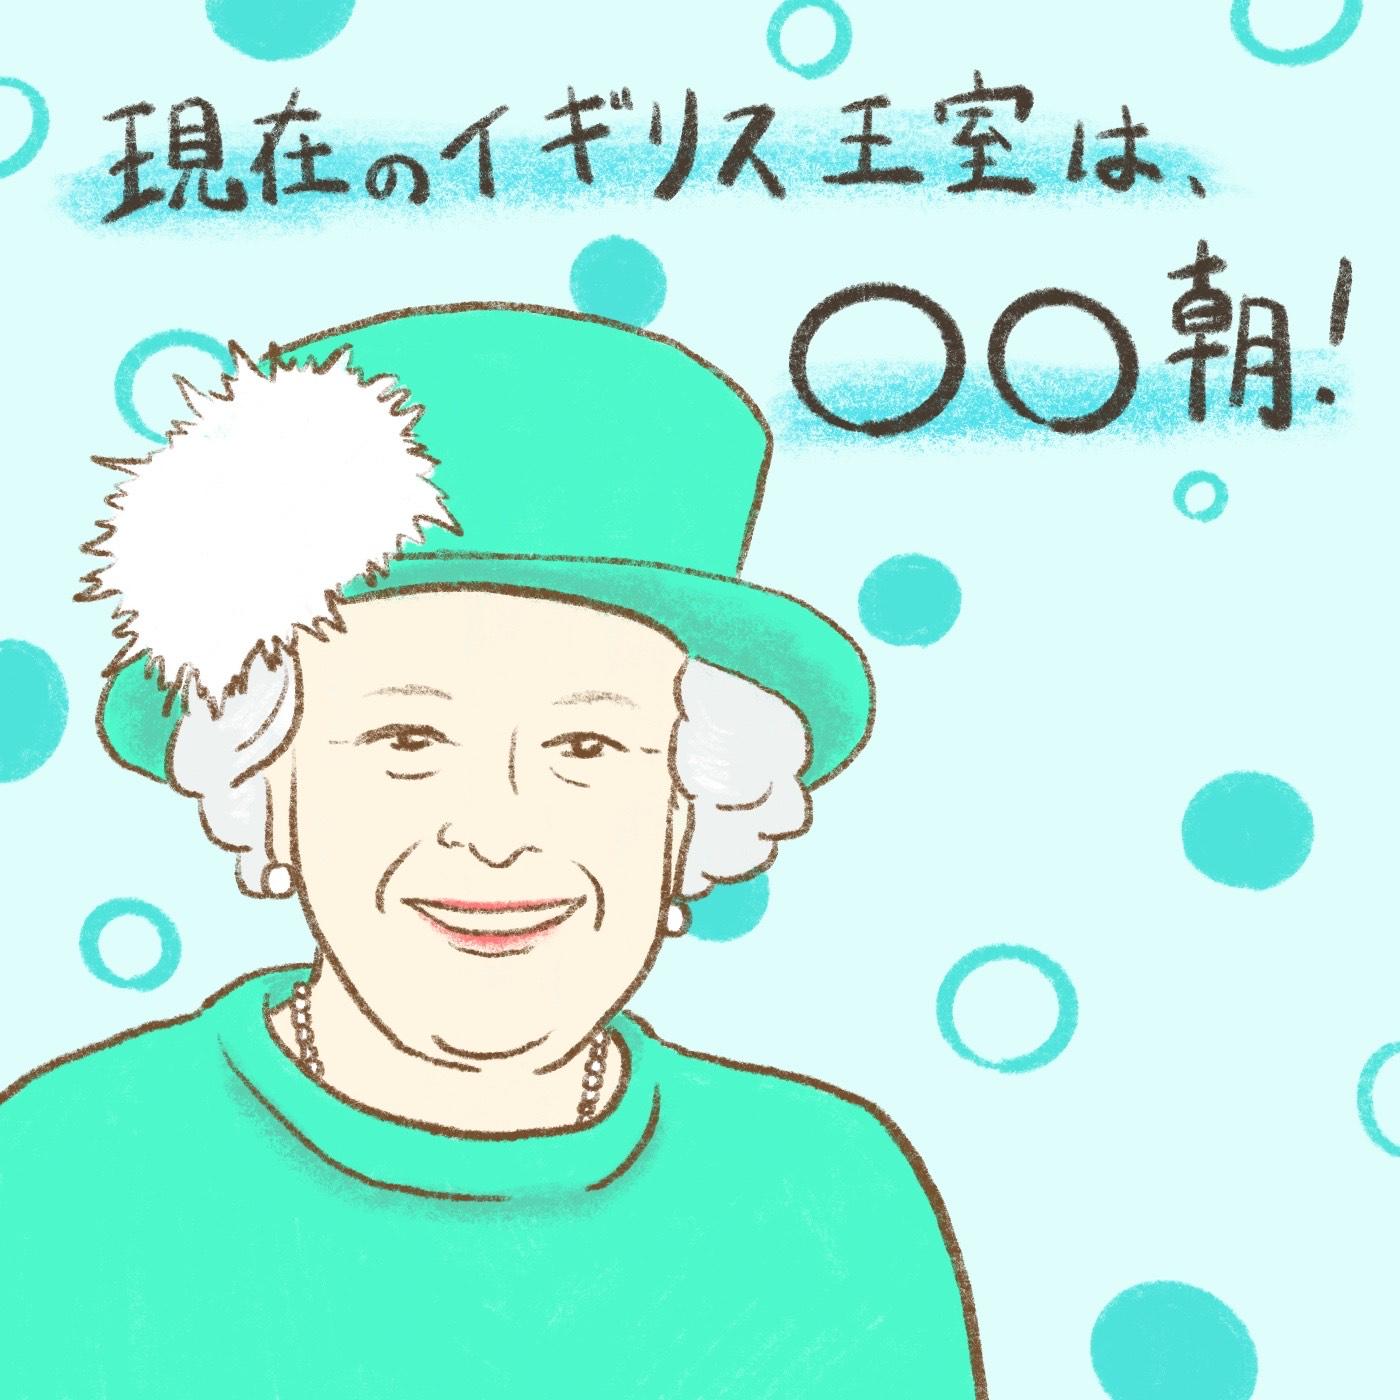 ウィンザー朝 エリザベス2世 上野の森美術館 KING&QUEEN展 OBIKAKE ナニソレ